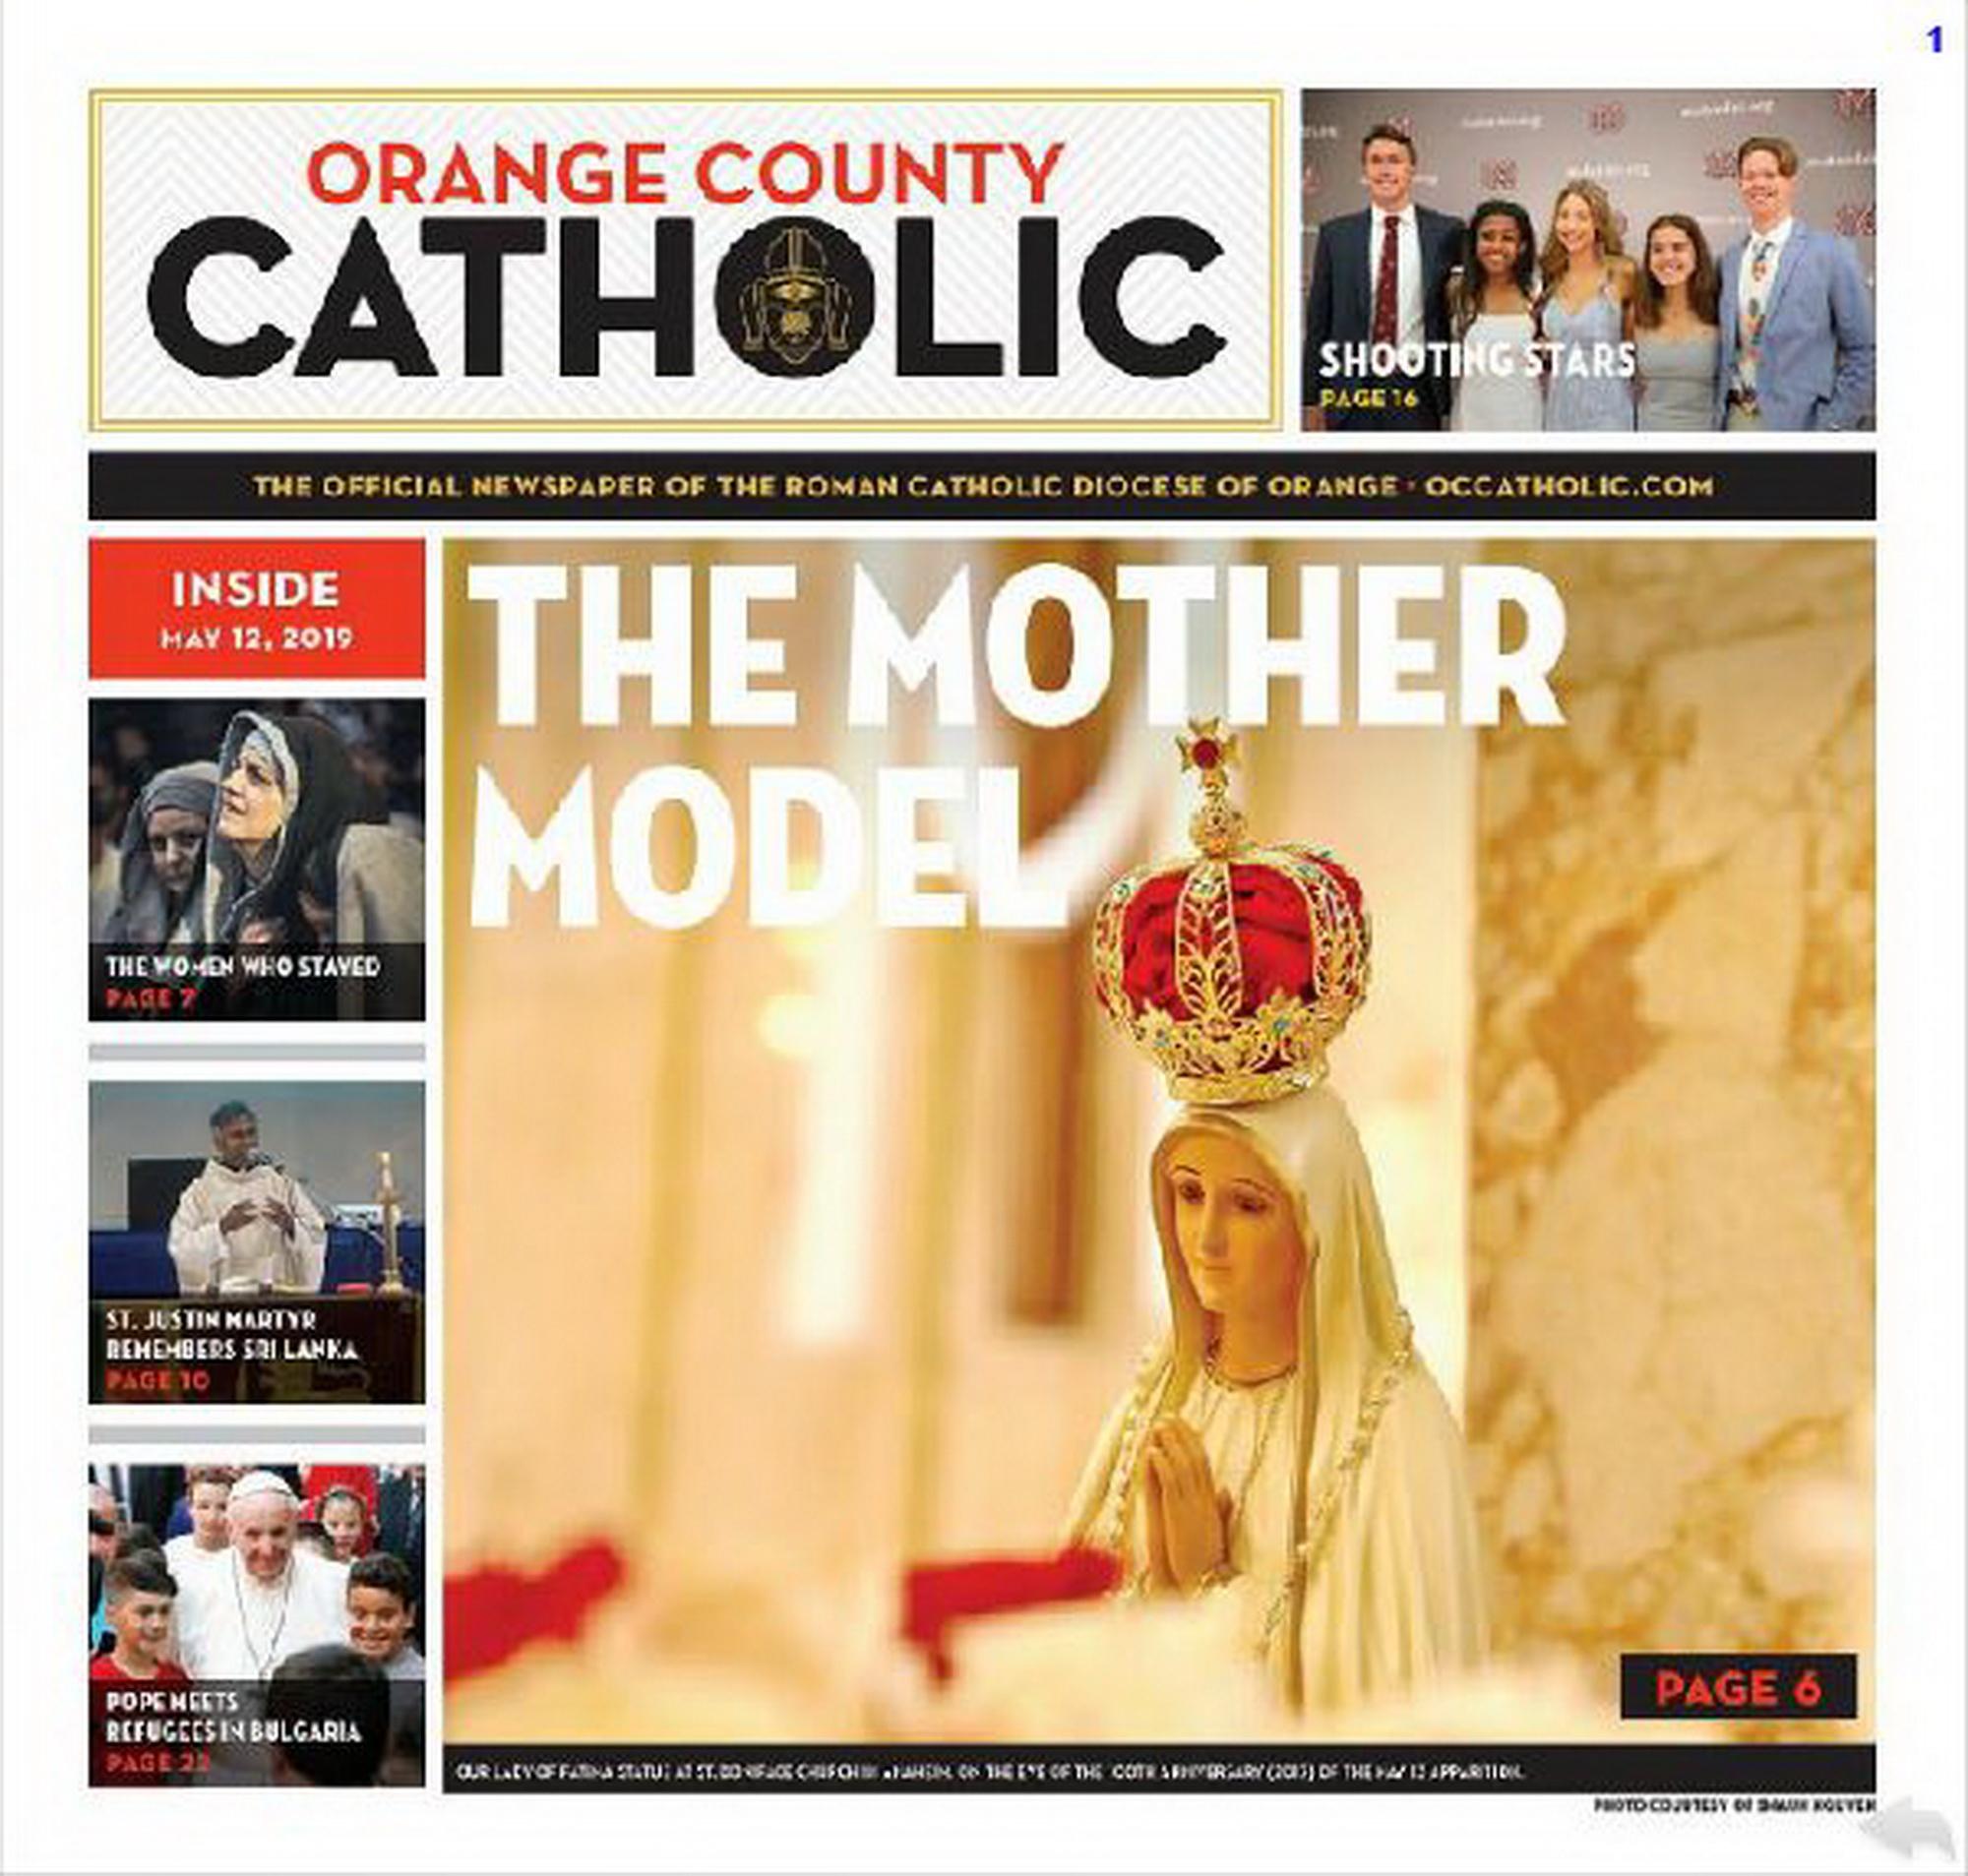 MẸ MARIA TẠI Gx ST BONIFCACE: THÁNG NĂM CỦA MẸ đăng trên tờ báo ORANGE COUNTY CATHOLIC